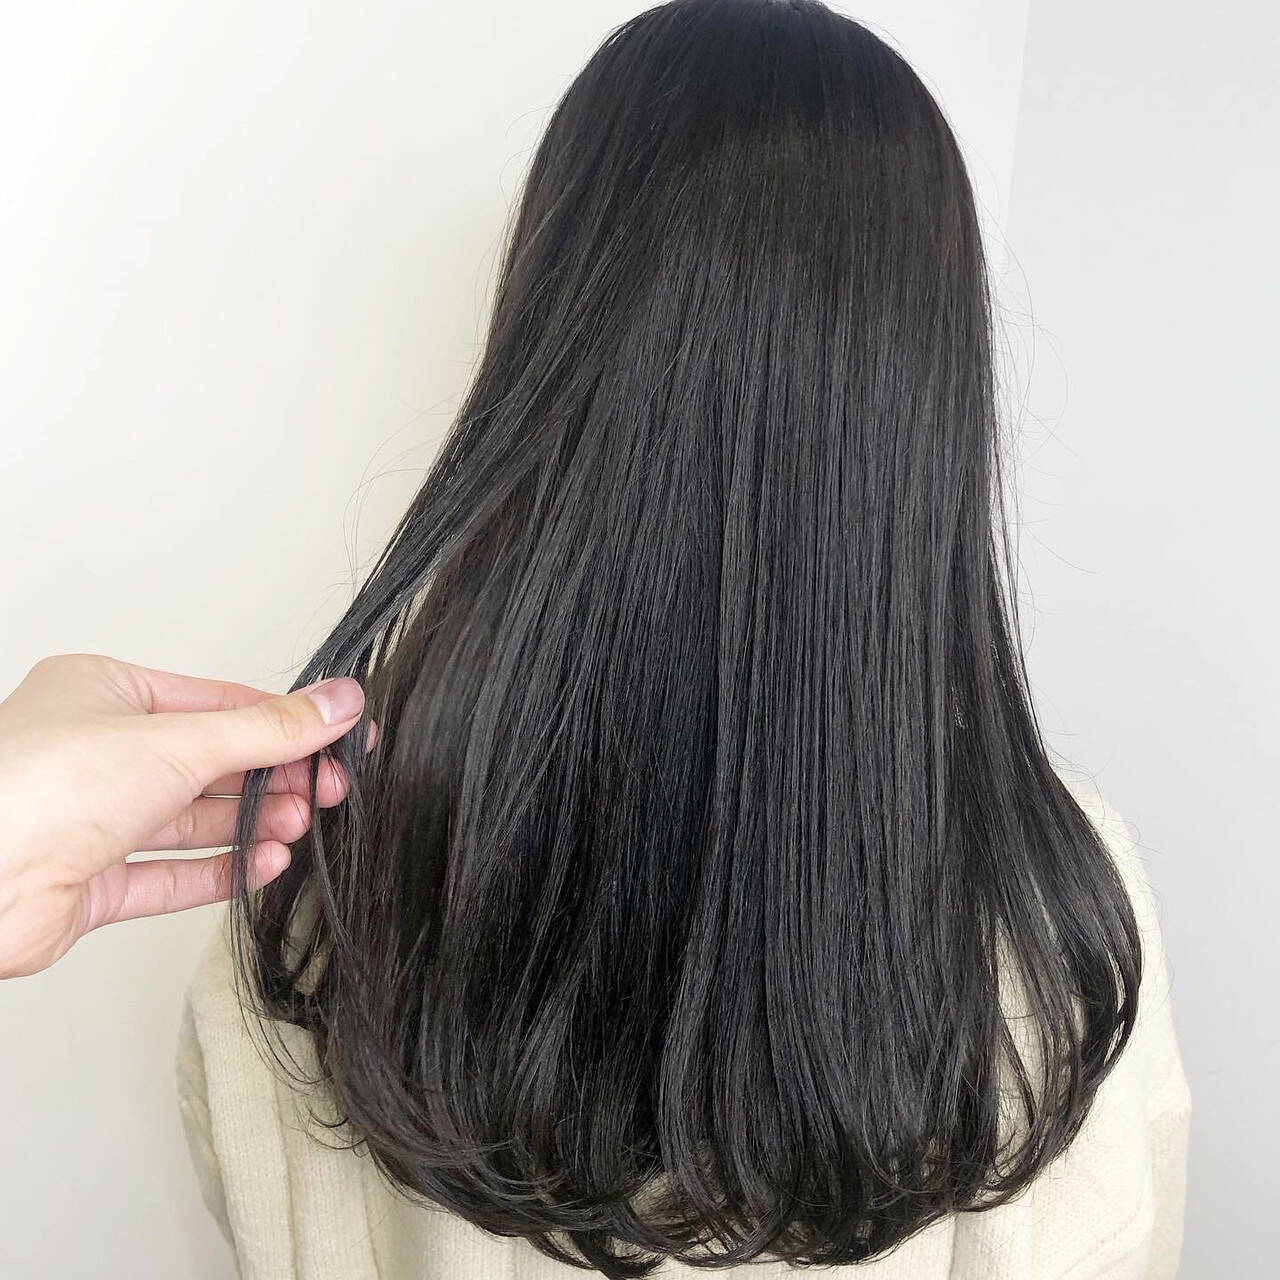 ダークアッシュ ナチュラル ダークカラー ロングヘアスタイルや髪型の写真・画像